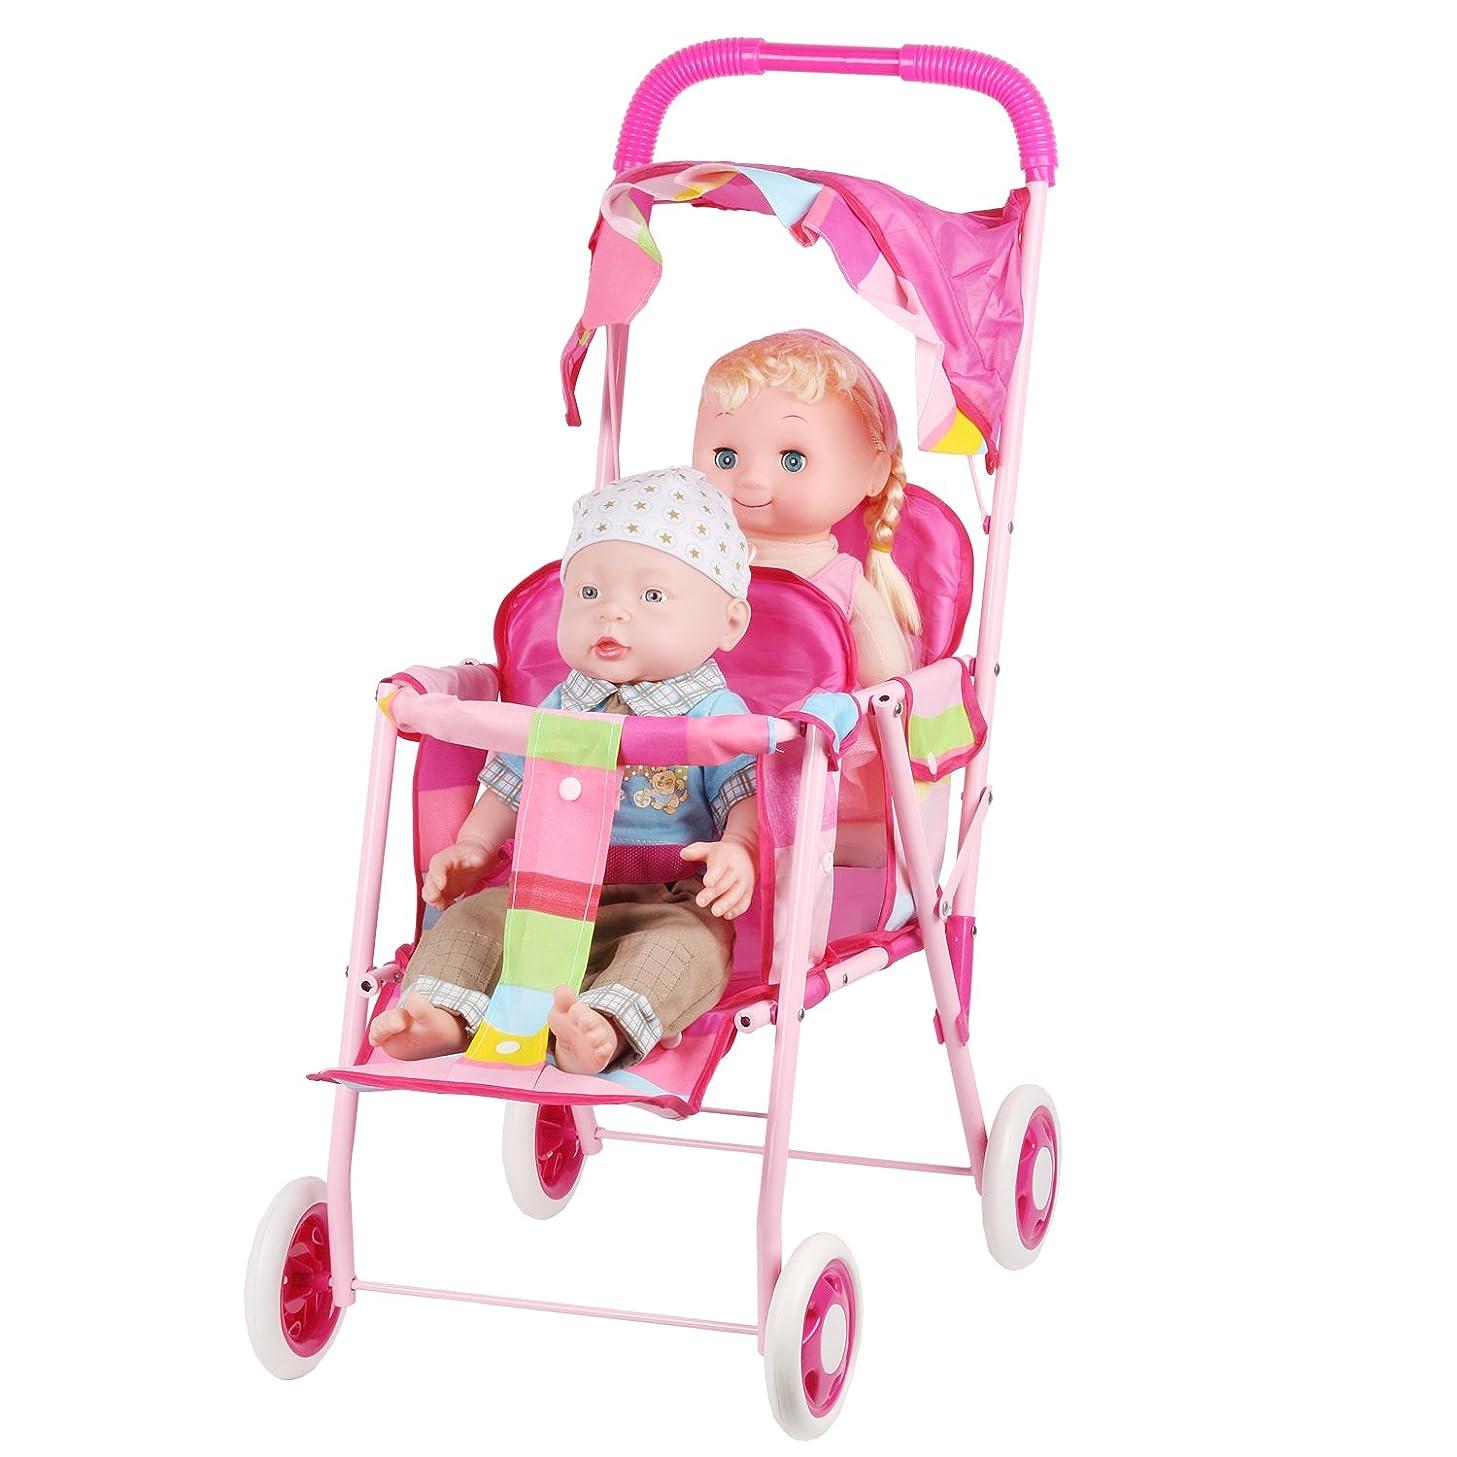 キネマティクス起きている種人形用 ベビーカー バギー お世話パーツ かわいい 乳母車 おもちゃ 鉄の枠 折り畳み式 楽しく二人乗せ女の子贈り物プレゼントままごと誕生日